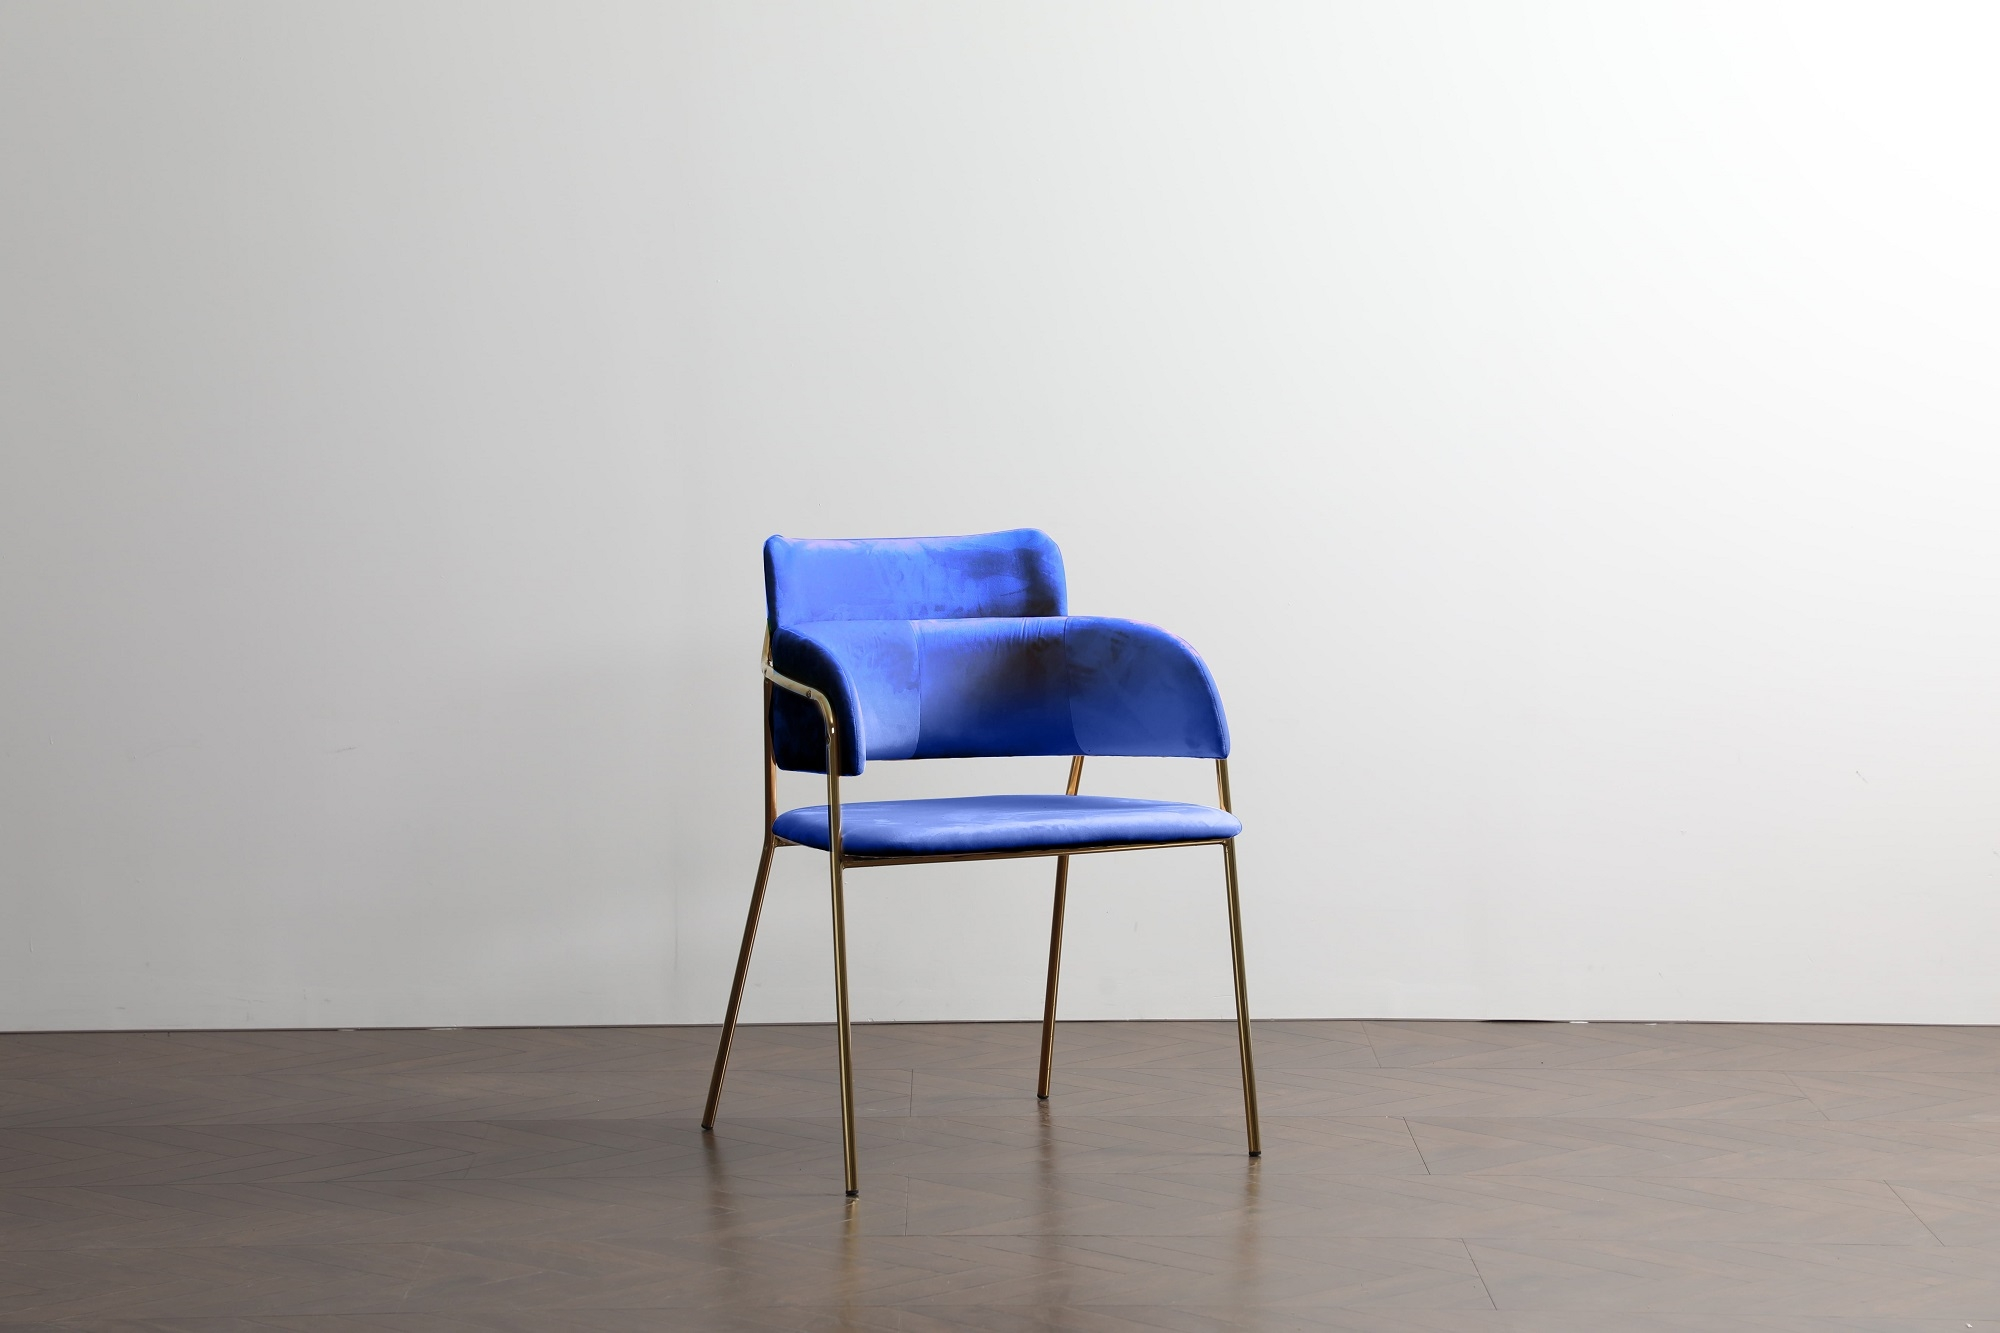 Scaun tapitat cu stofa, cu picioare metalice Eveline Velvet Blue, l48xA43xH84 cm